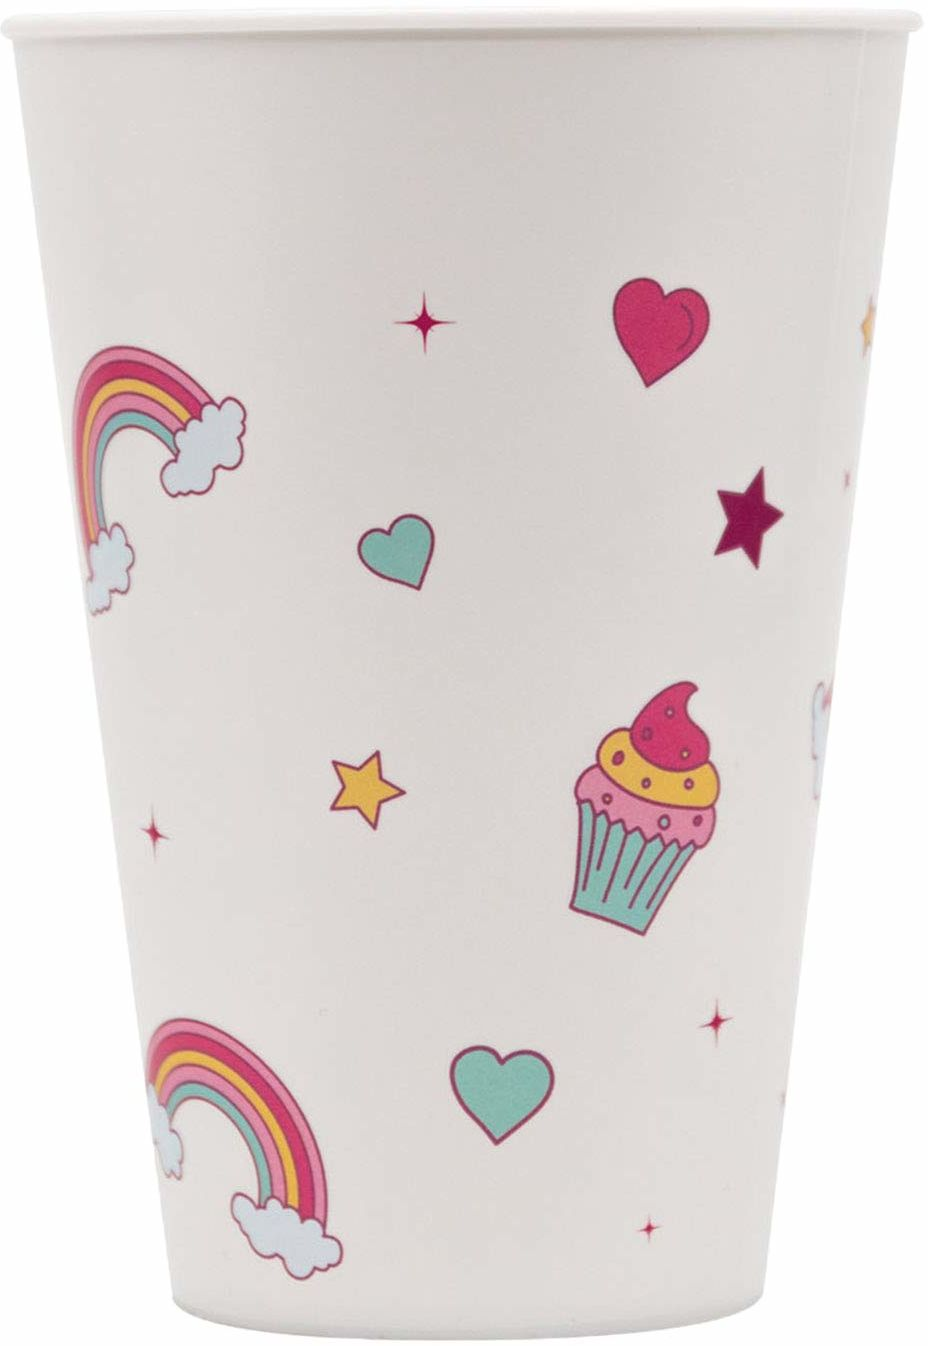 Procos 10201157 91385 - kubek, Magic Party Unicorn, 400 ml, wielokrotnego użytku, jednorożec, kubek do picia, urodziny, impreza tematyczna